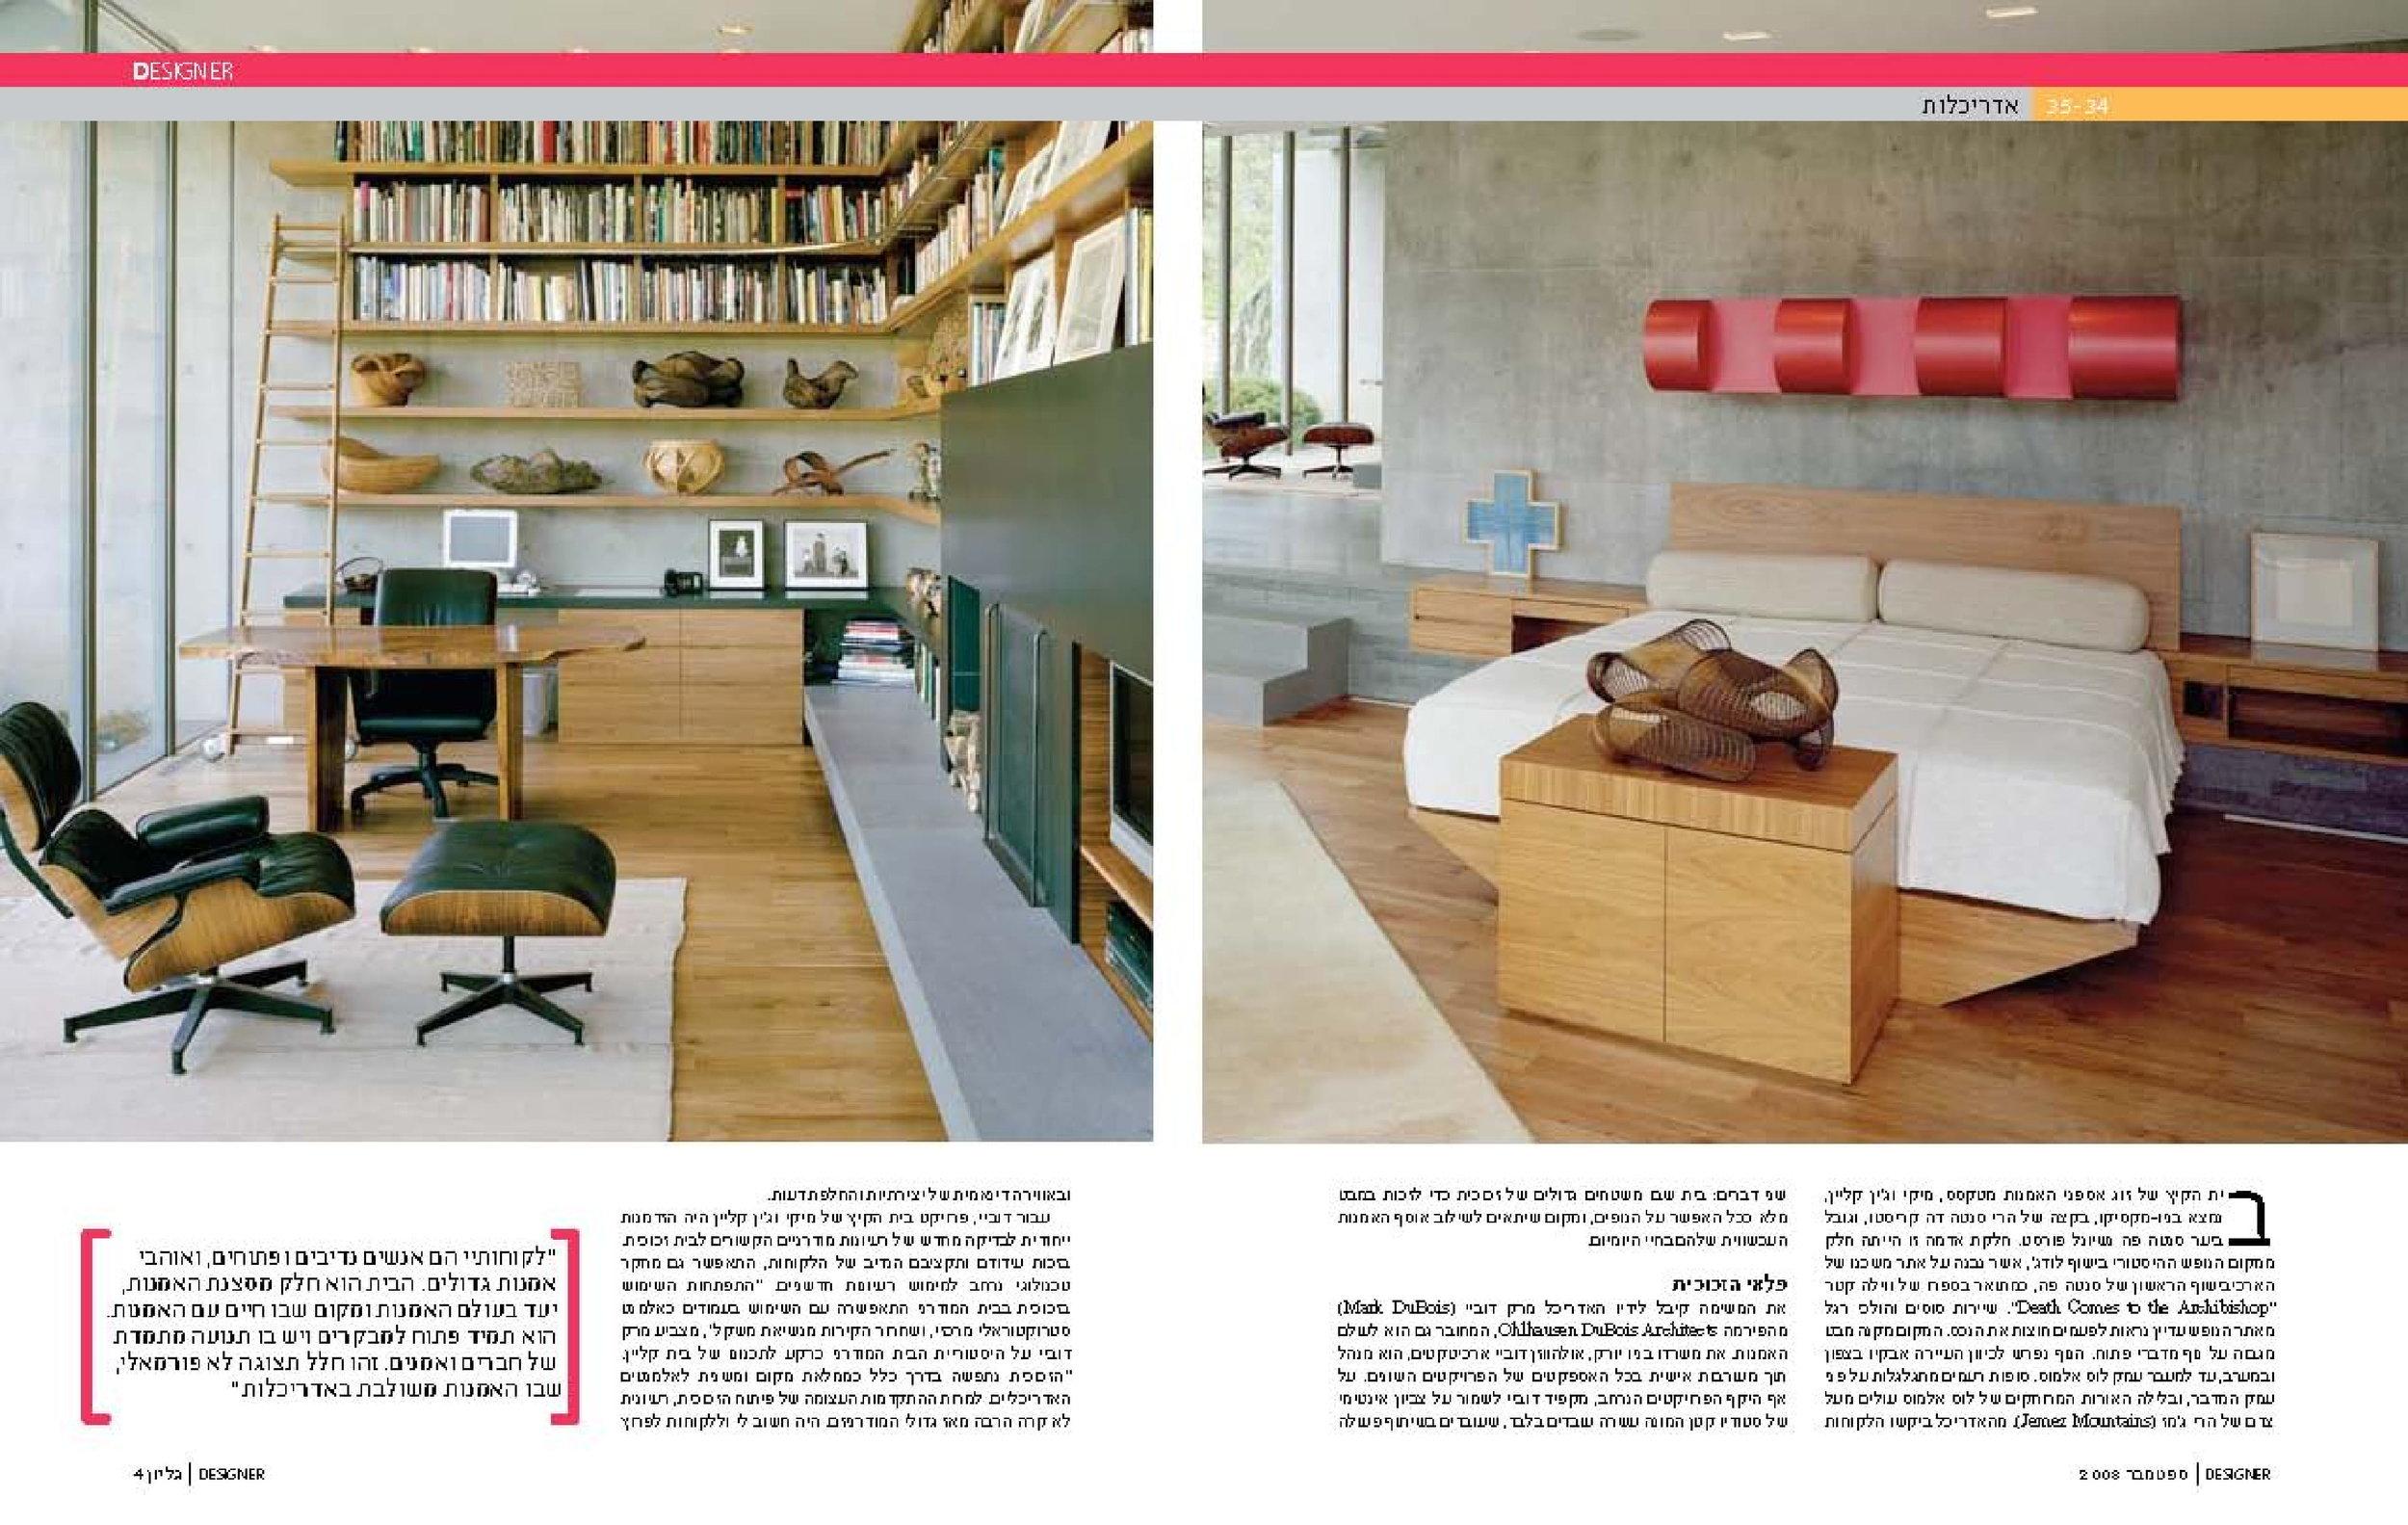 DuBois+Santa+Fe+Designer+of+Haaretz-2.jpg